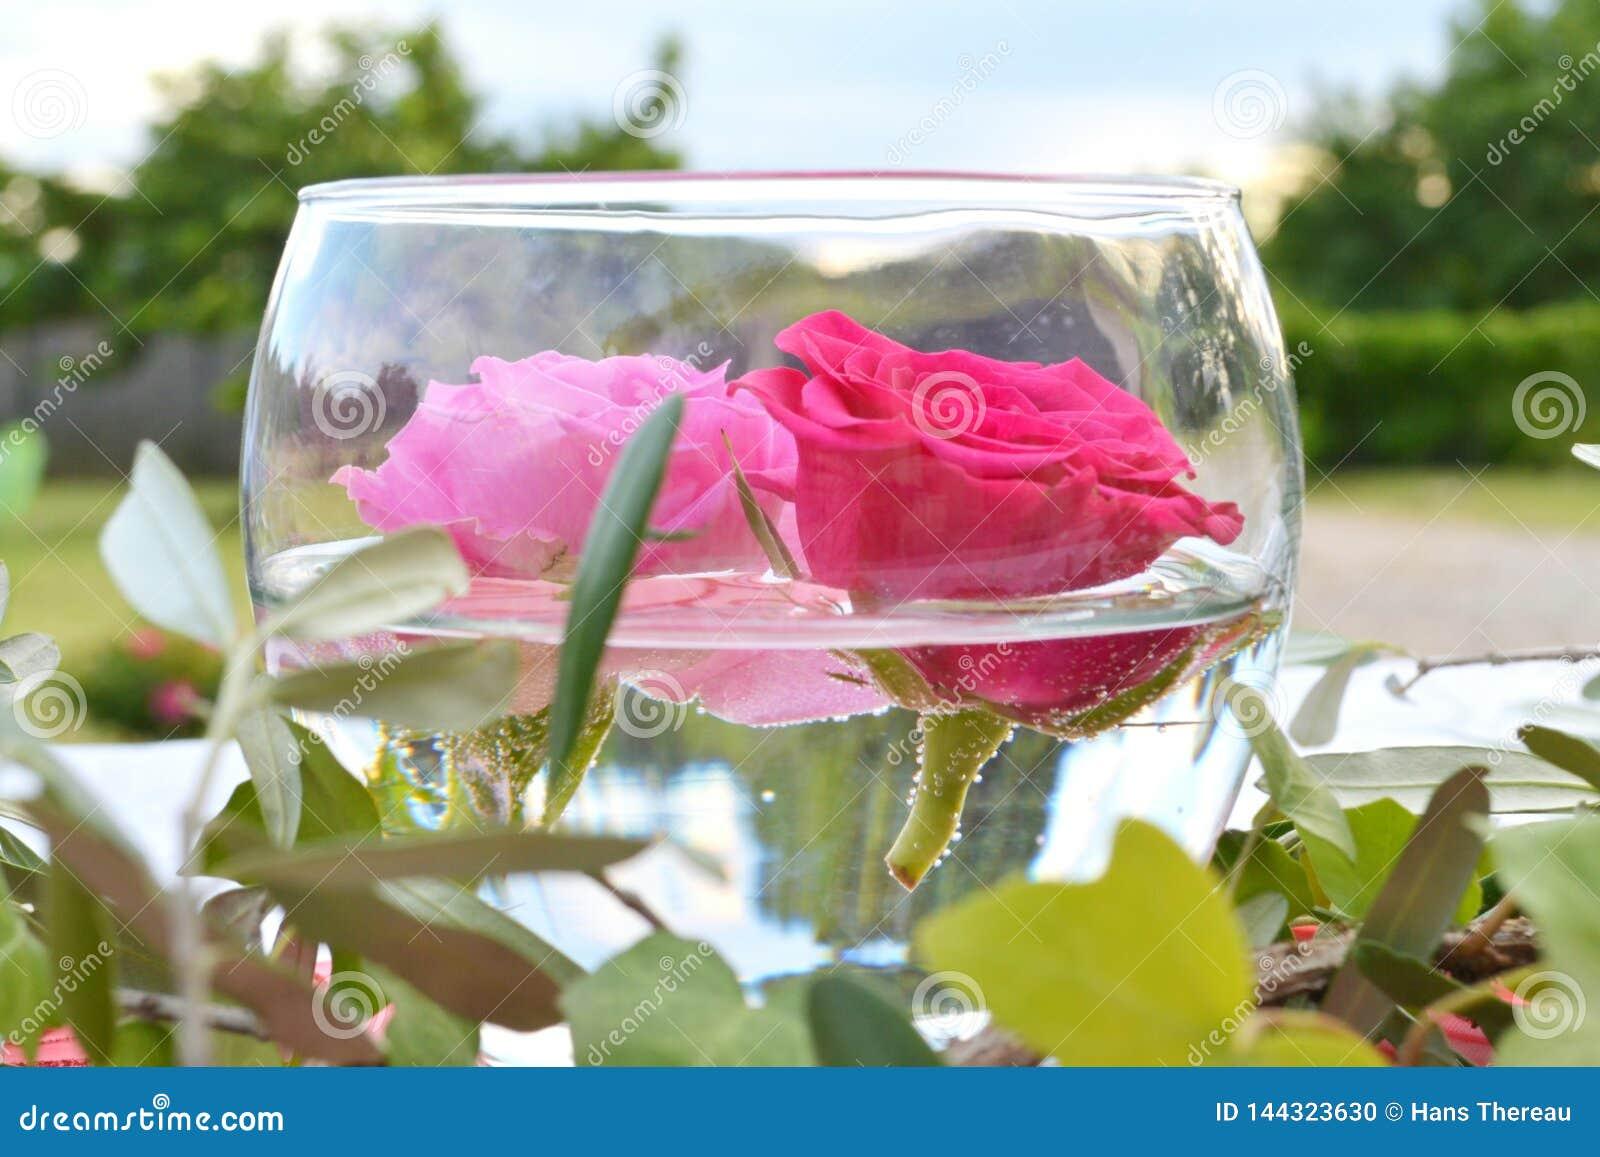 Feche acima de duas rosas que flutuam em uma bacia